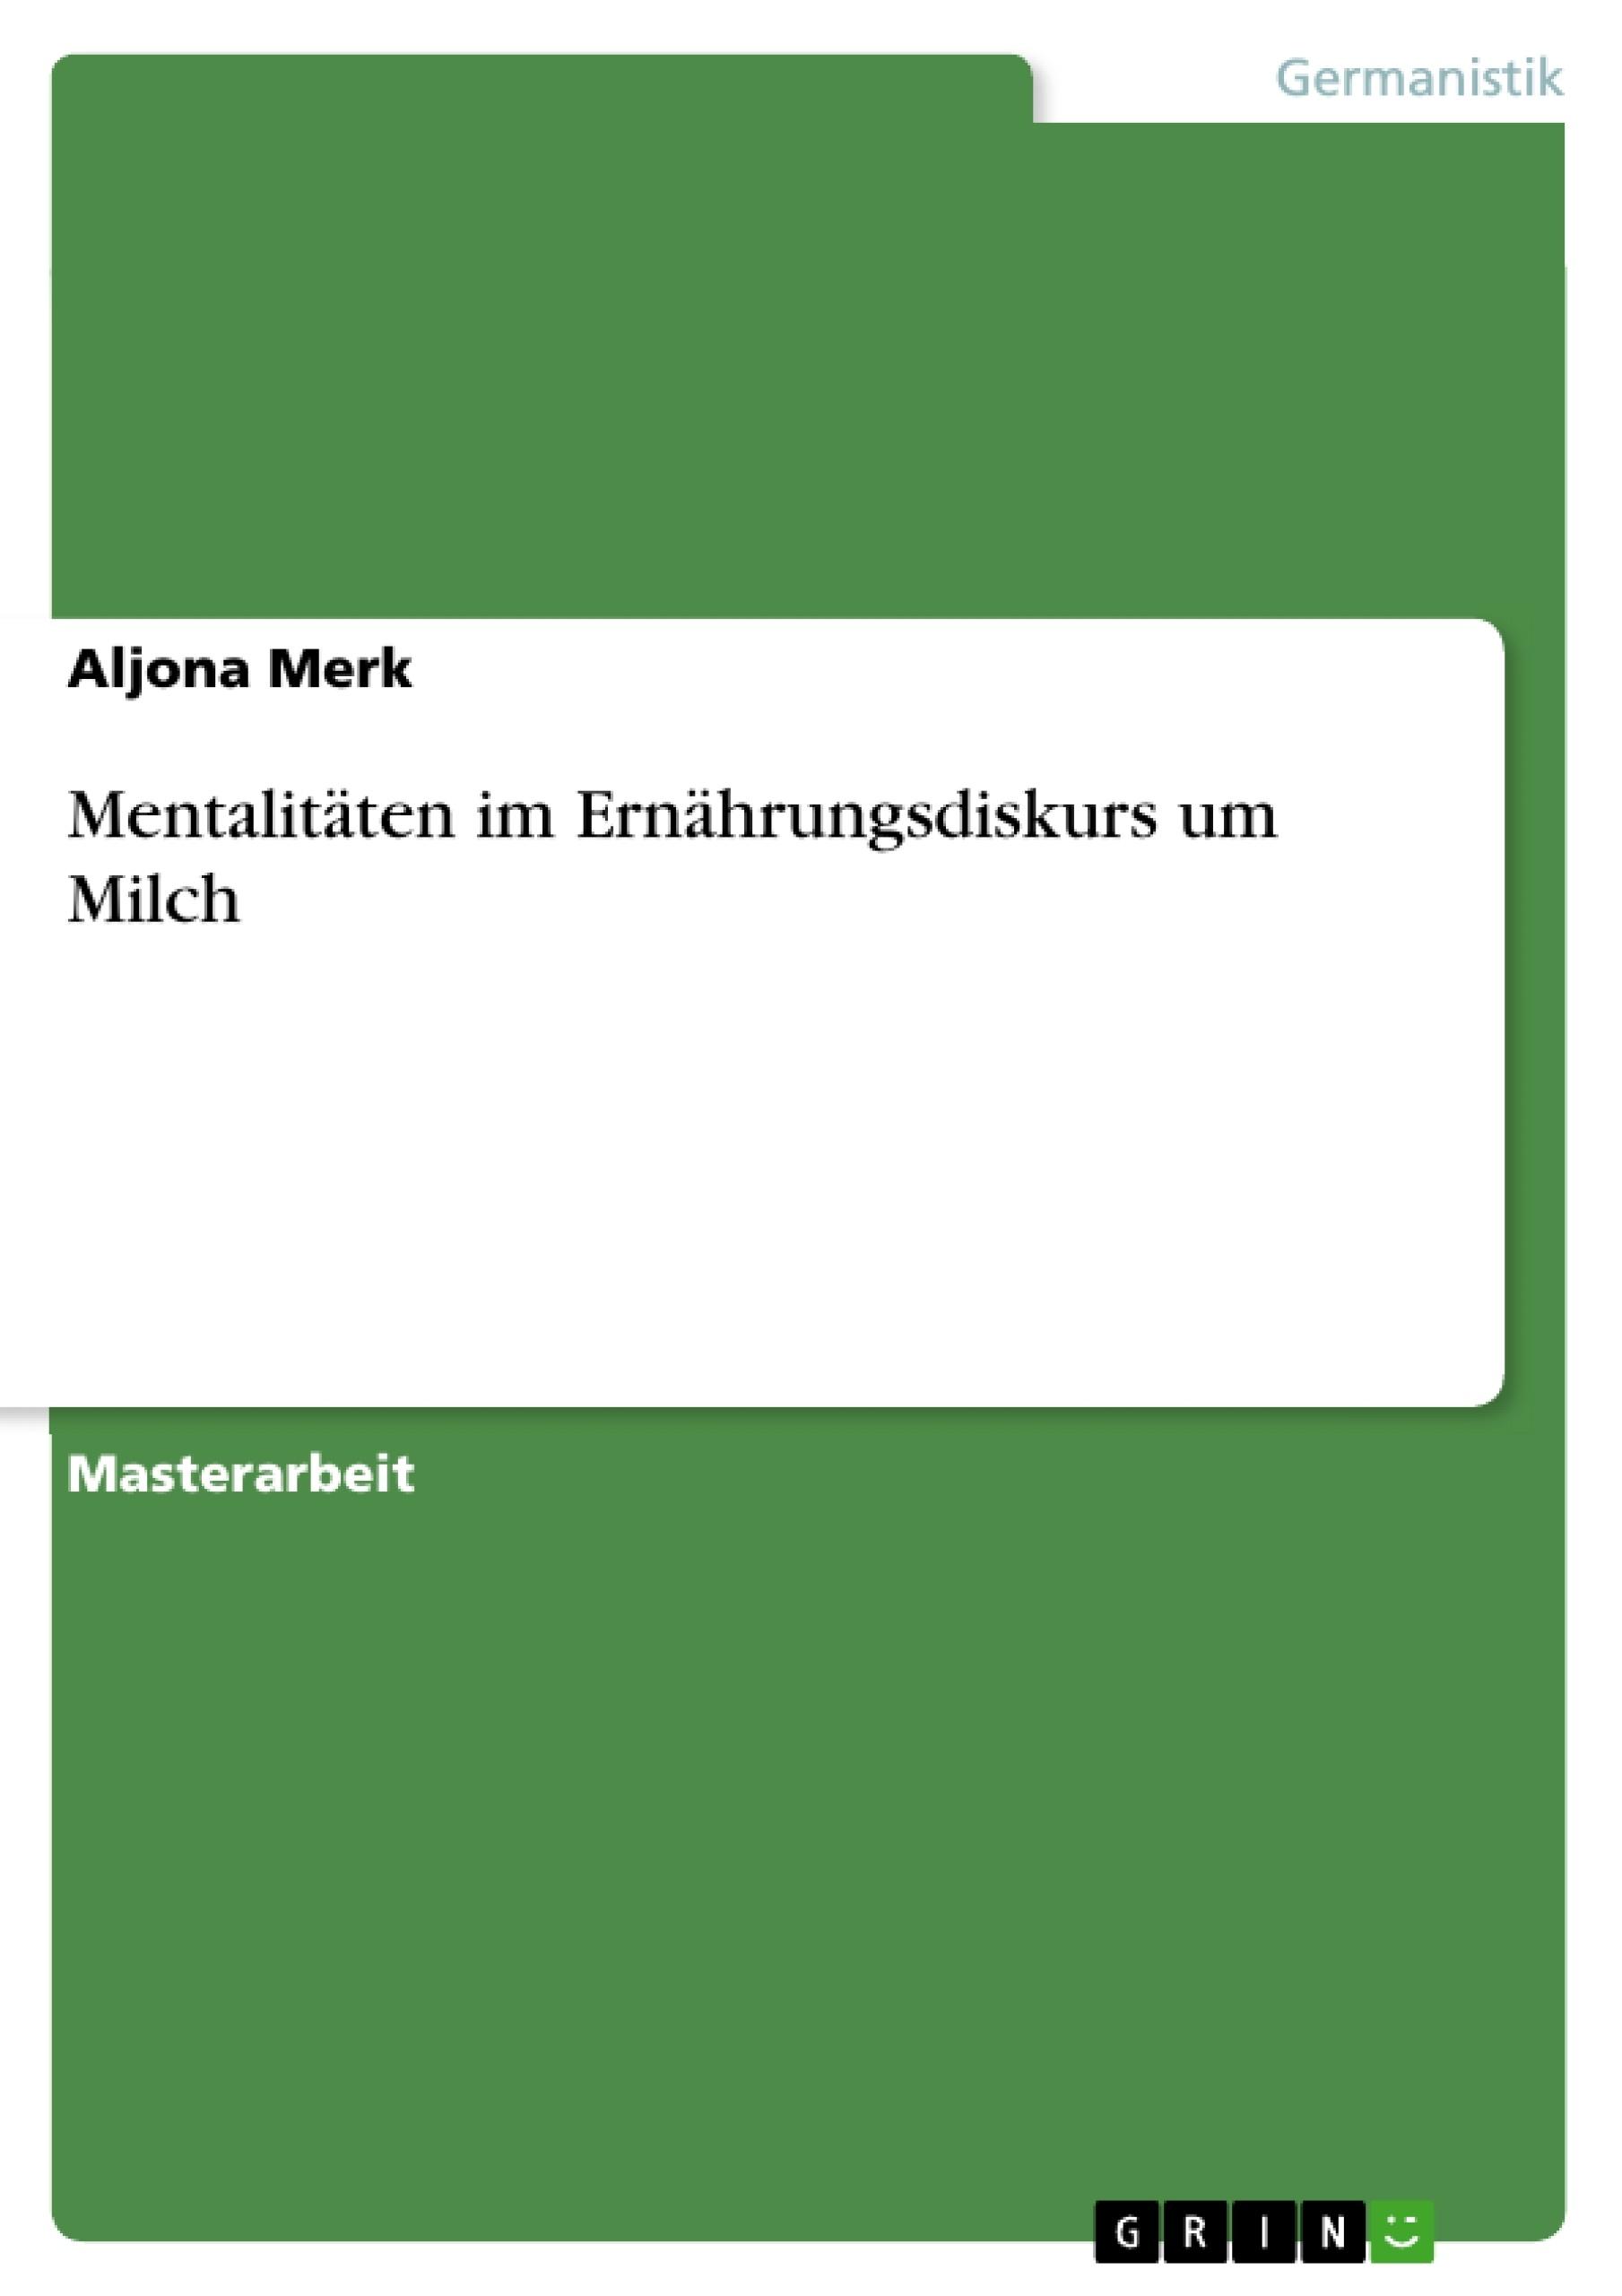 Titel: Mentalitäten im Ernährungsdiskurs um Milch